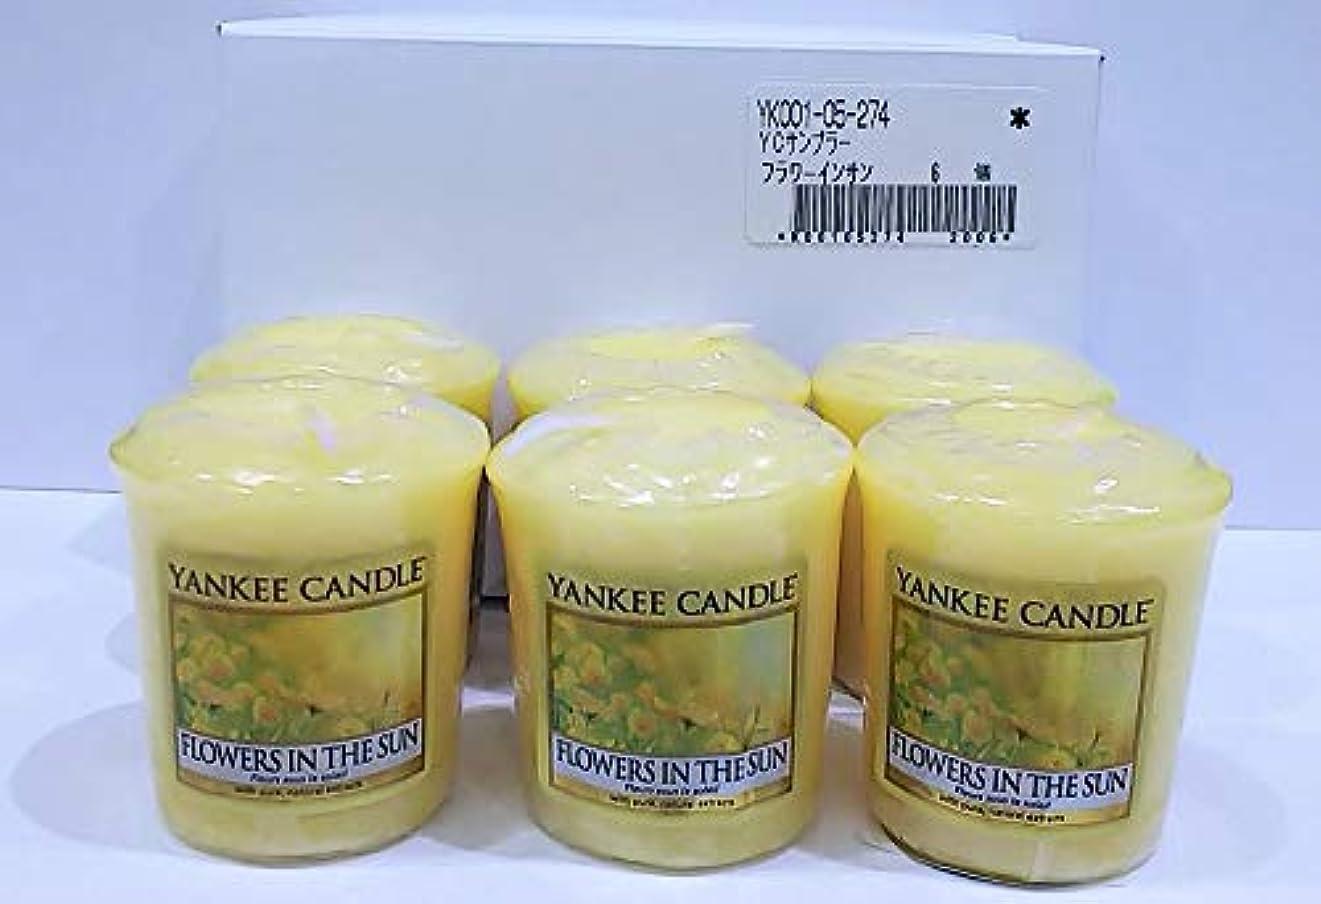 美的フリース本質的ではないヤンキーキャンドル サンプラー お試しサイズ フラワーインザサン 6個セット 燃焼時間約15時間 YANKEECANDLE アメリカ製